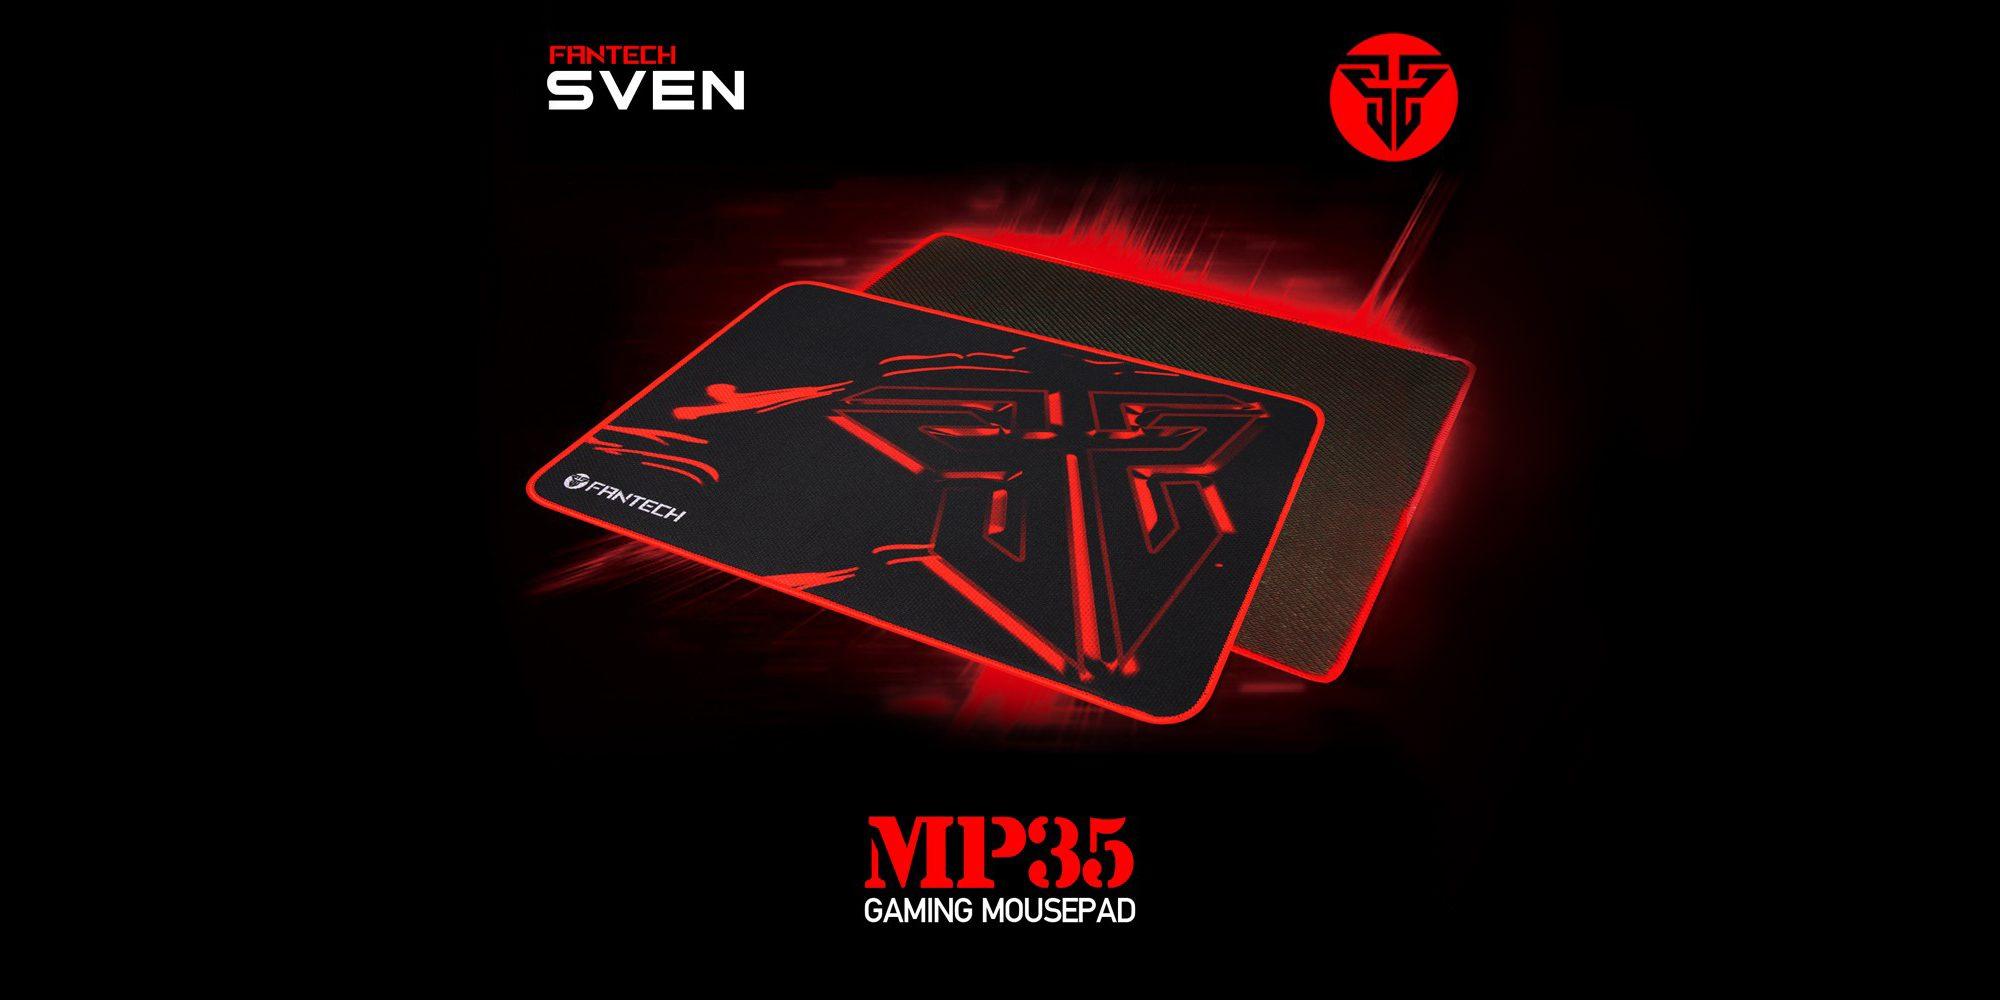 Игровая поверхность Fantech Sven MP35